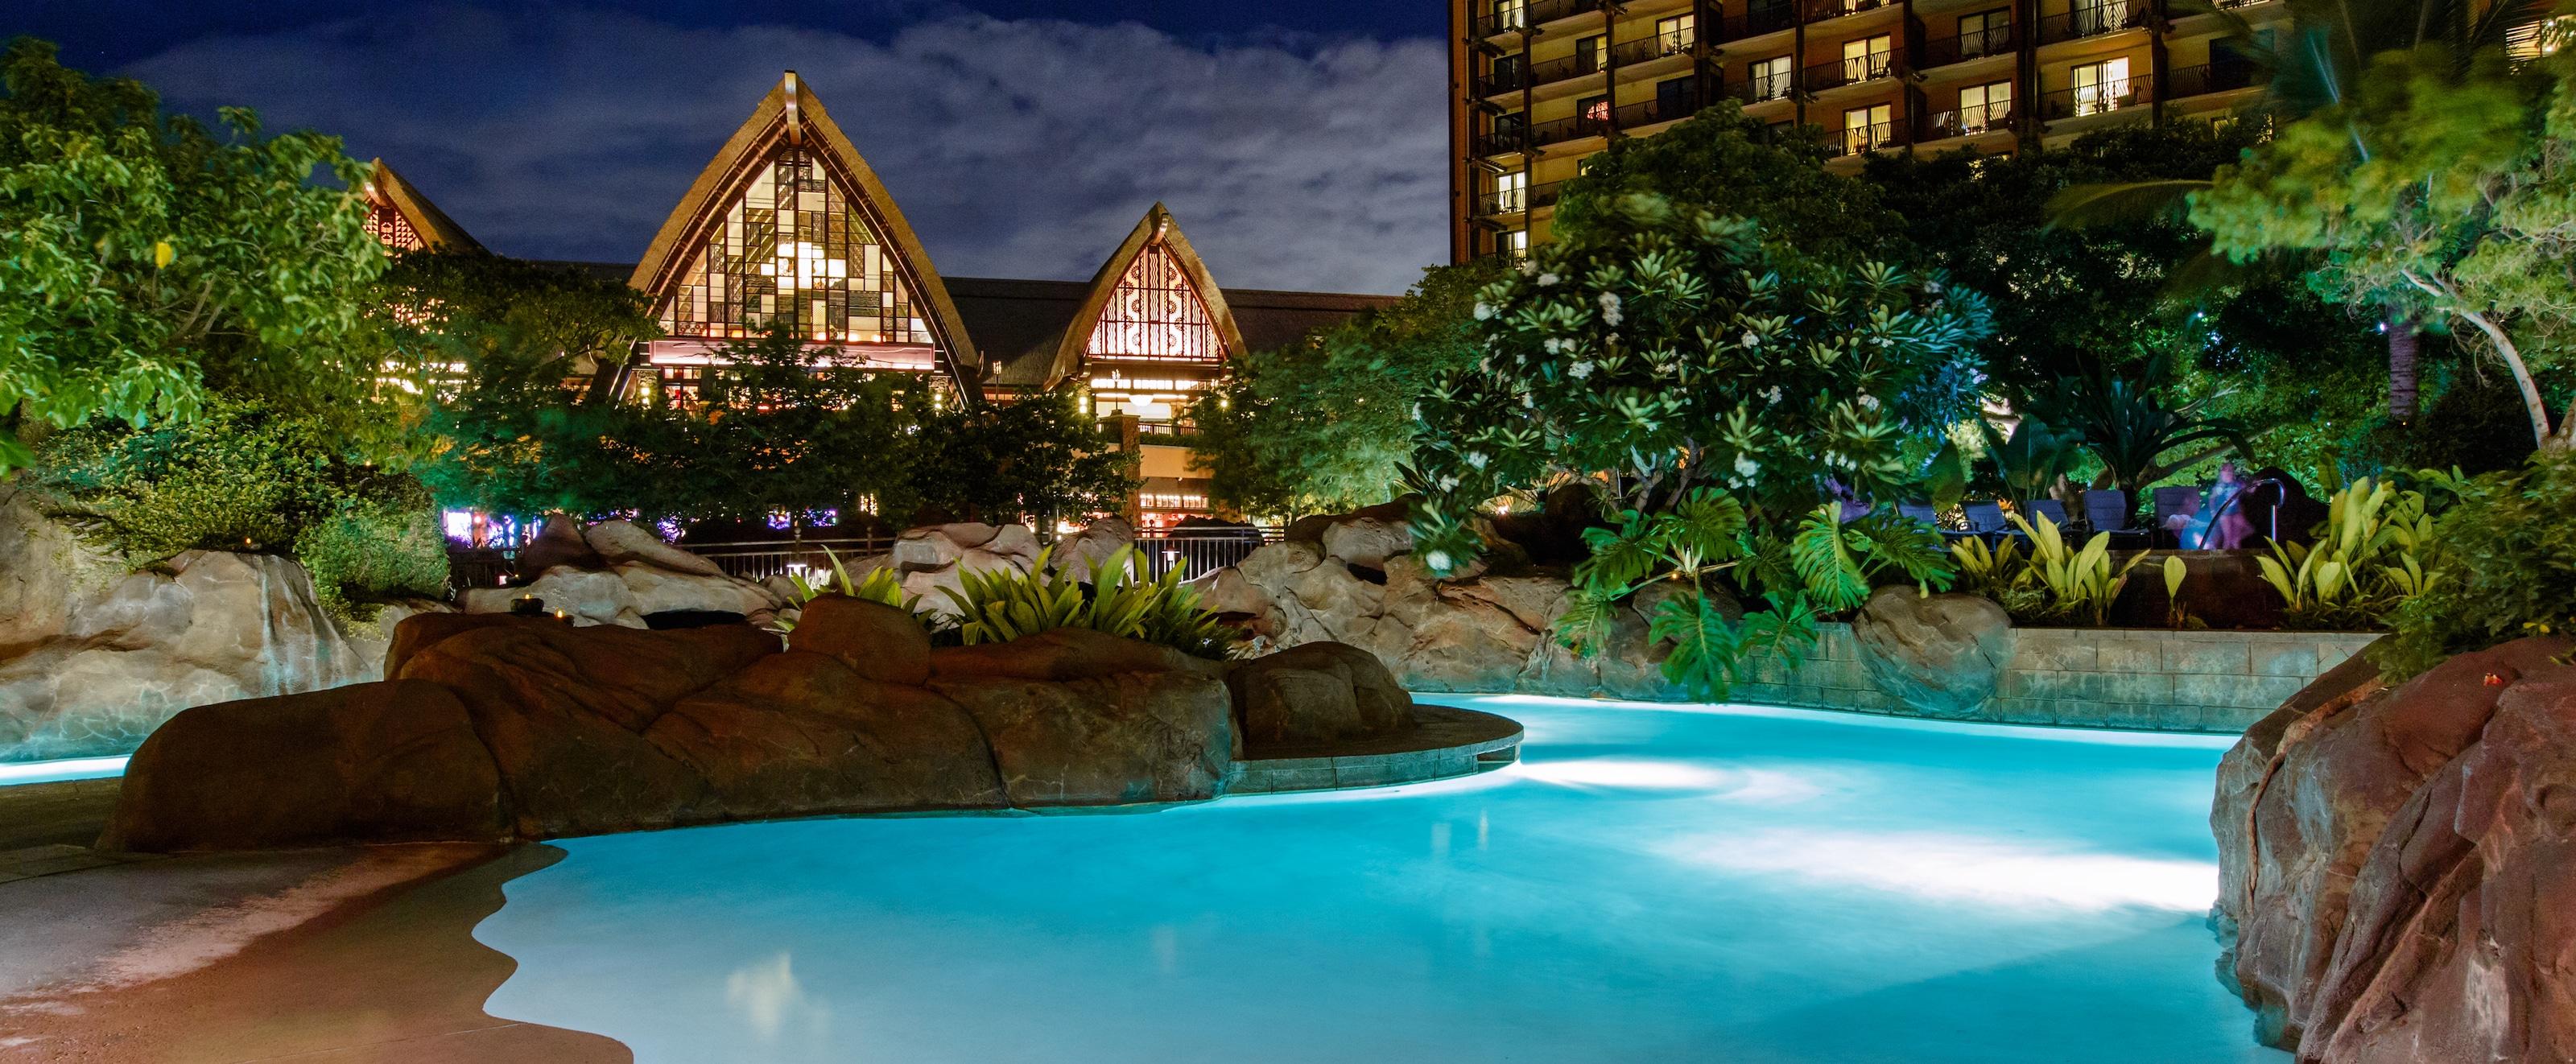 夜間にライトアップされた流れるプールと、その向こうに見えるリゾートのメイン・ビルディングの尖った屋根